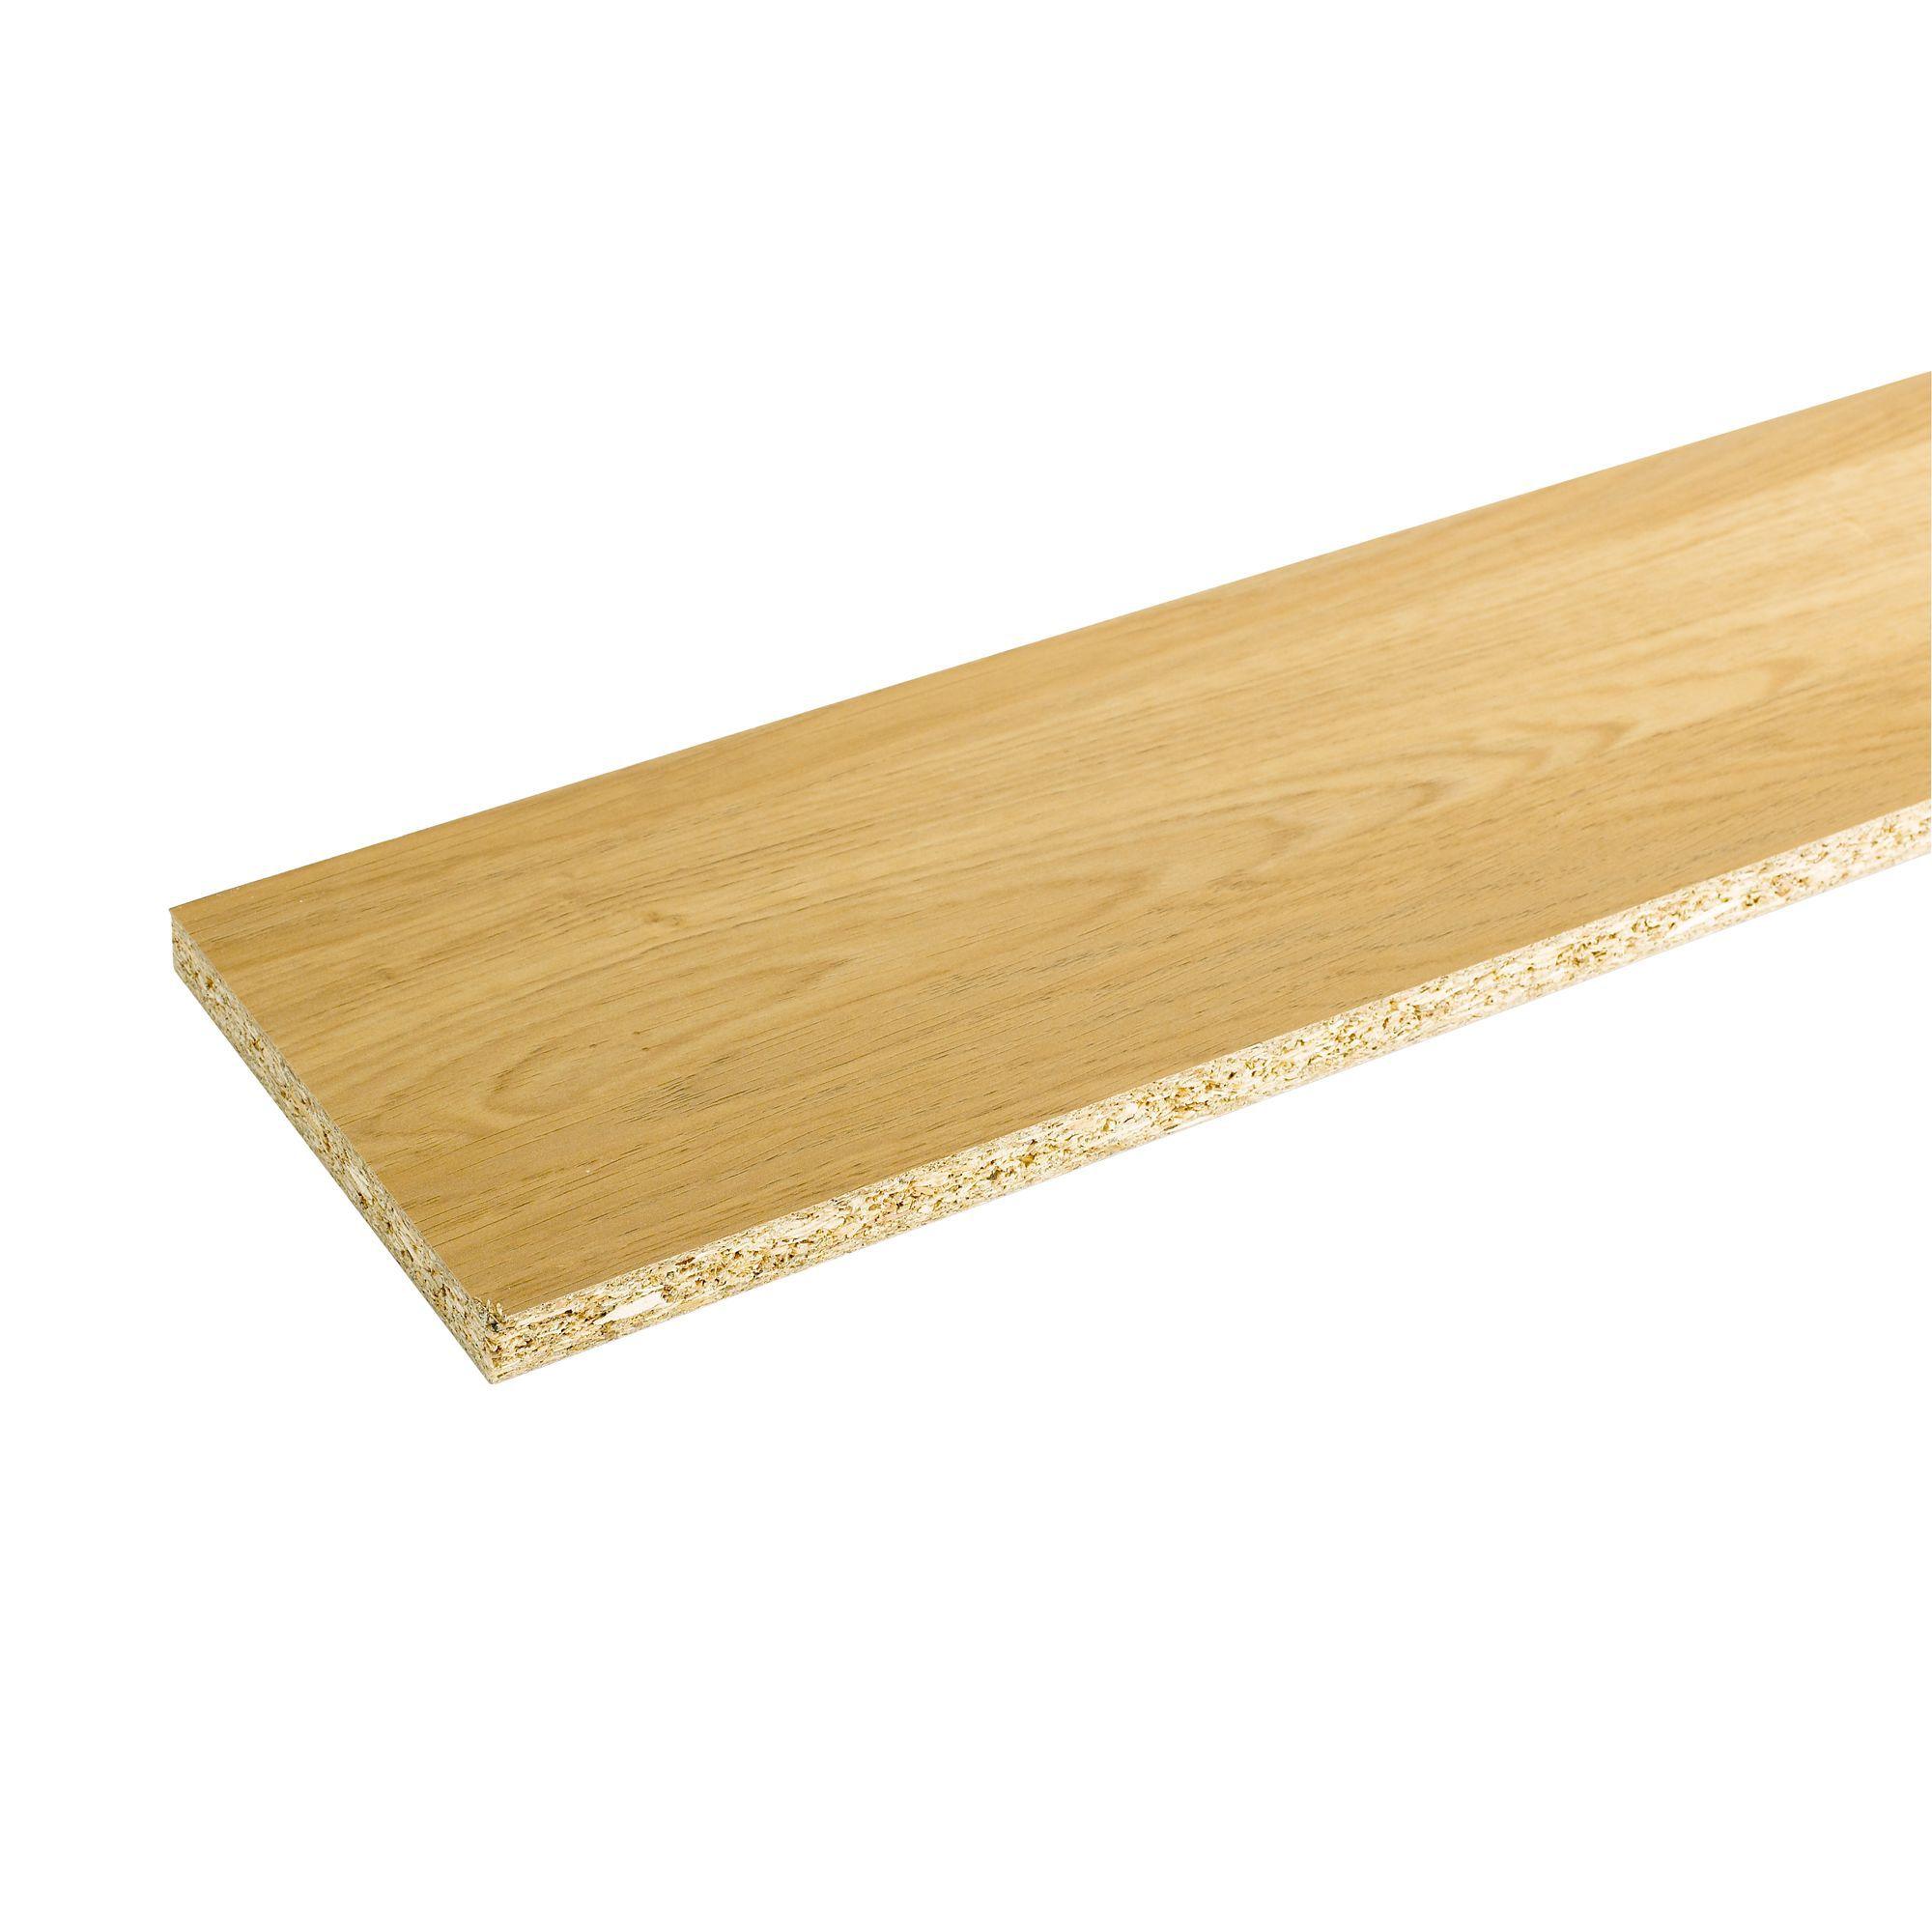 It Kitchens Matt Natural Oak Effect Straight Plinth L 2 44m